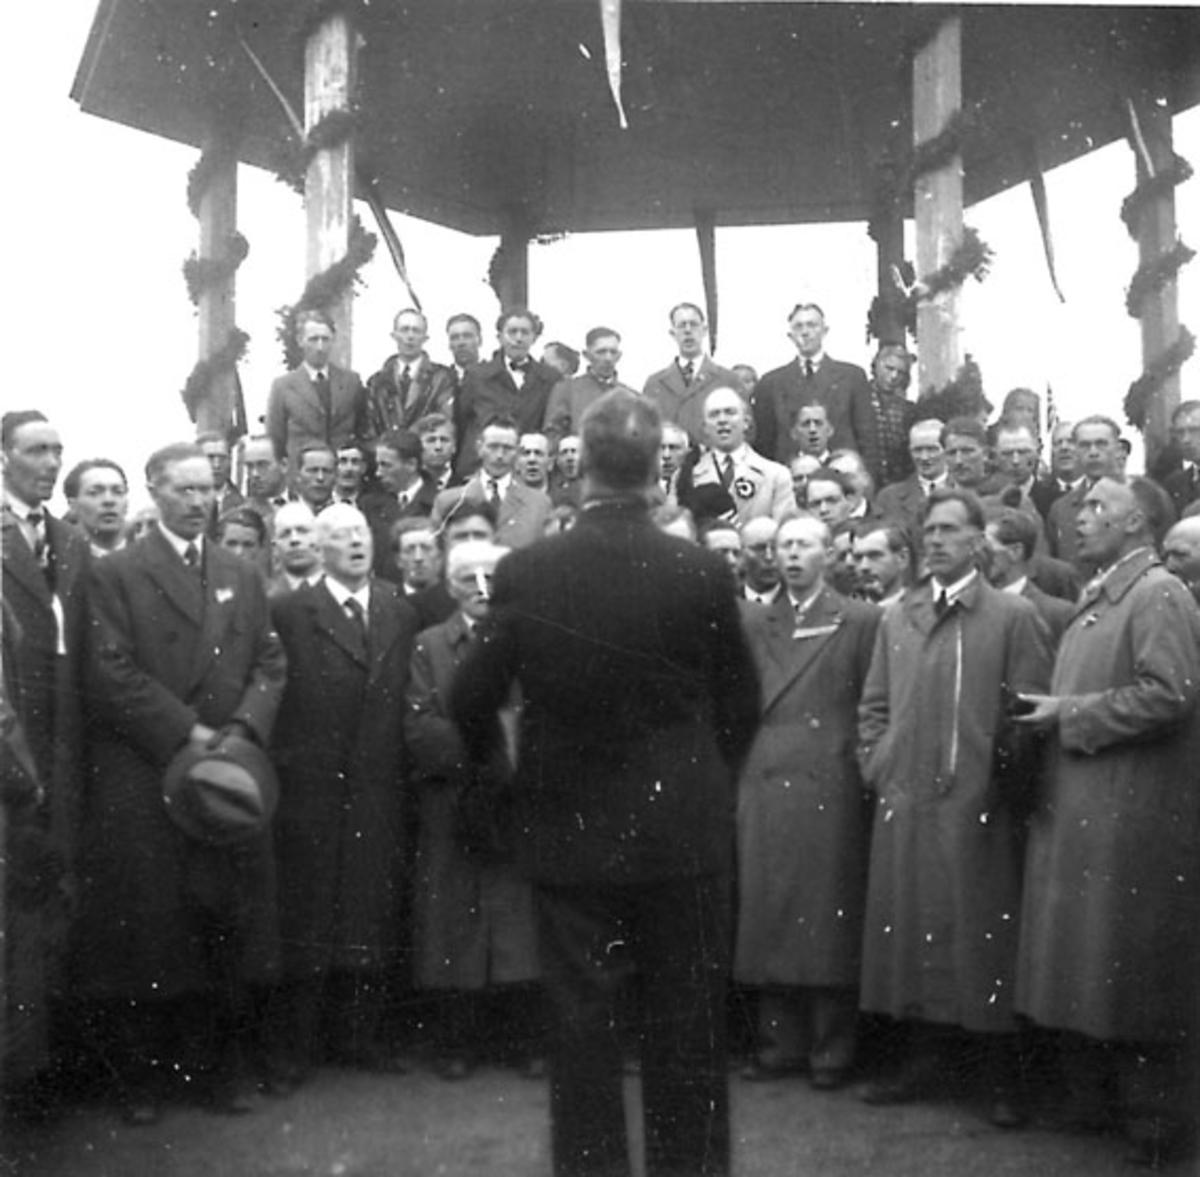 Frigjøringsdagene i Bodø etter krigen 1940 - 1945. Pyntet paviljong med sangkor, ant. fra Solparken.